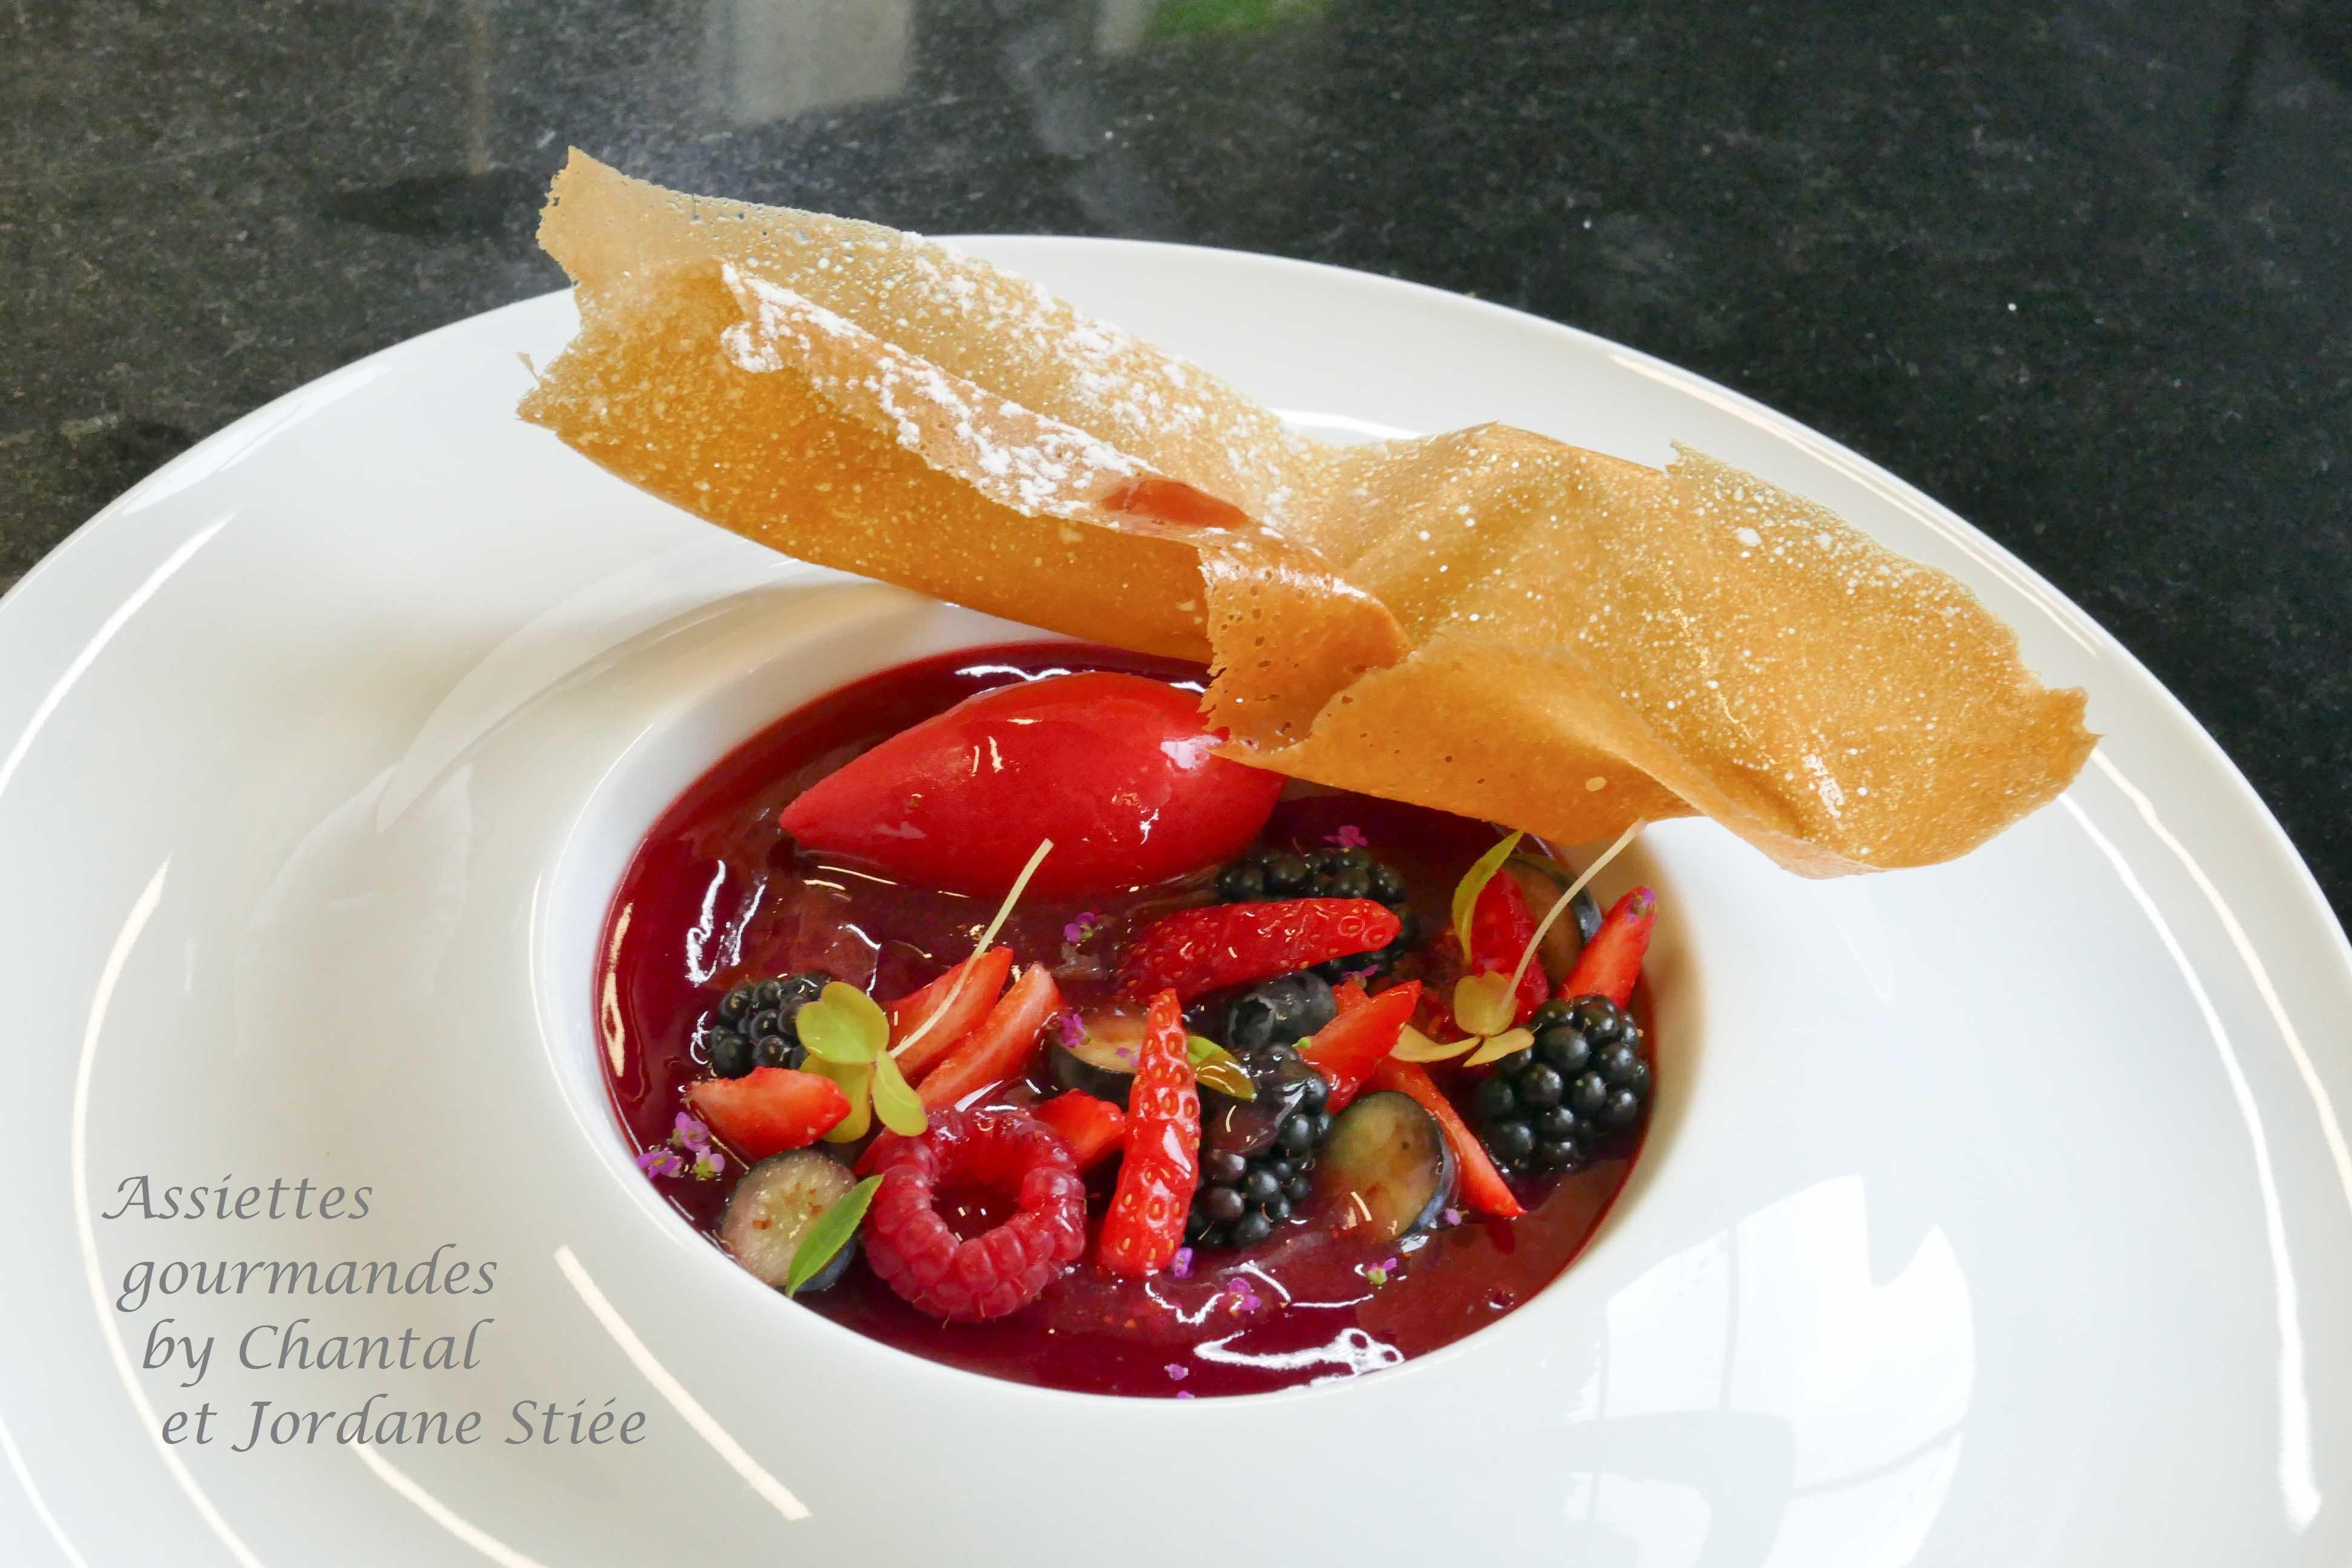 Mousse fromage blanc et jardin de fruits rouges, par Jordane Stiée